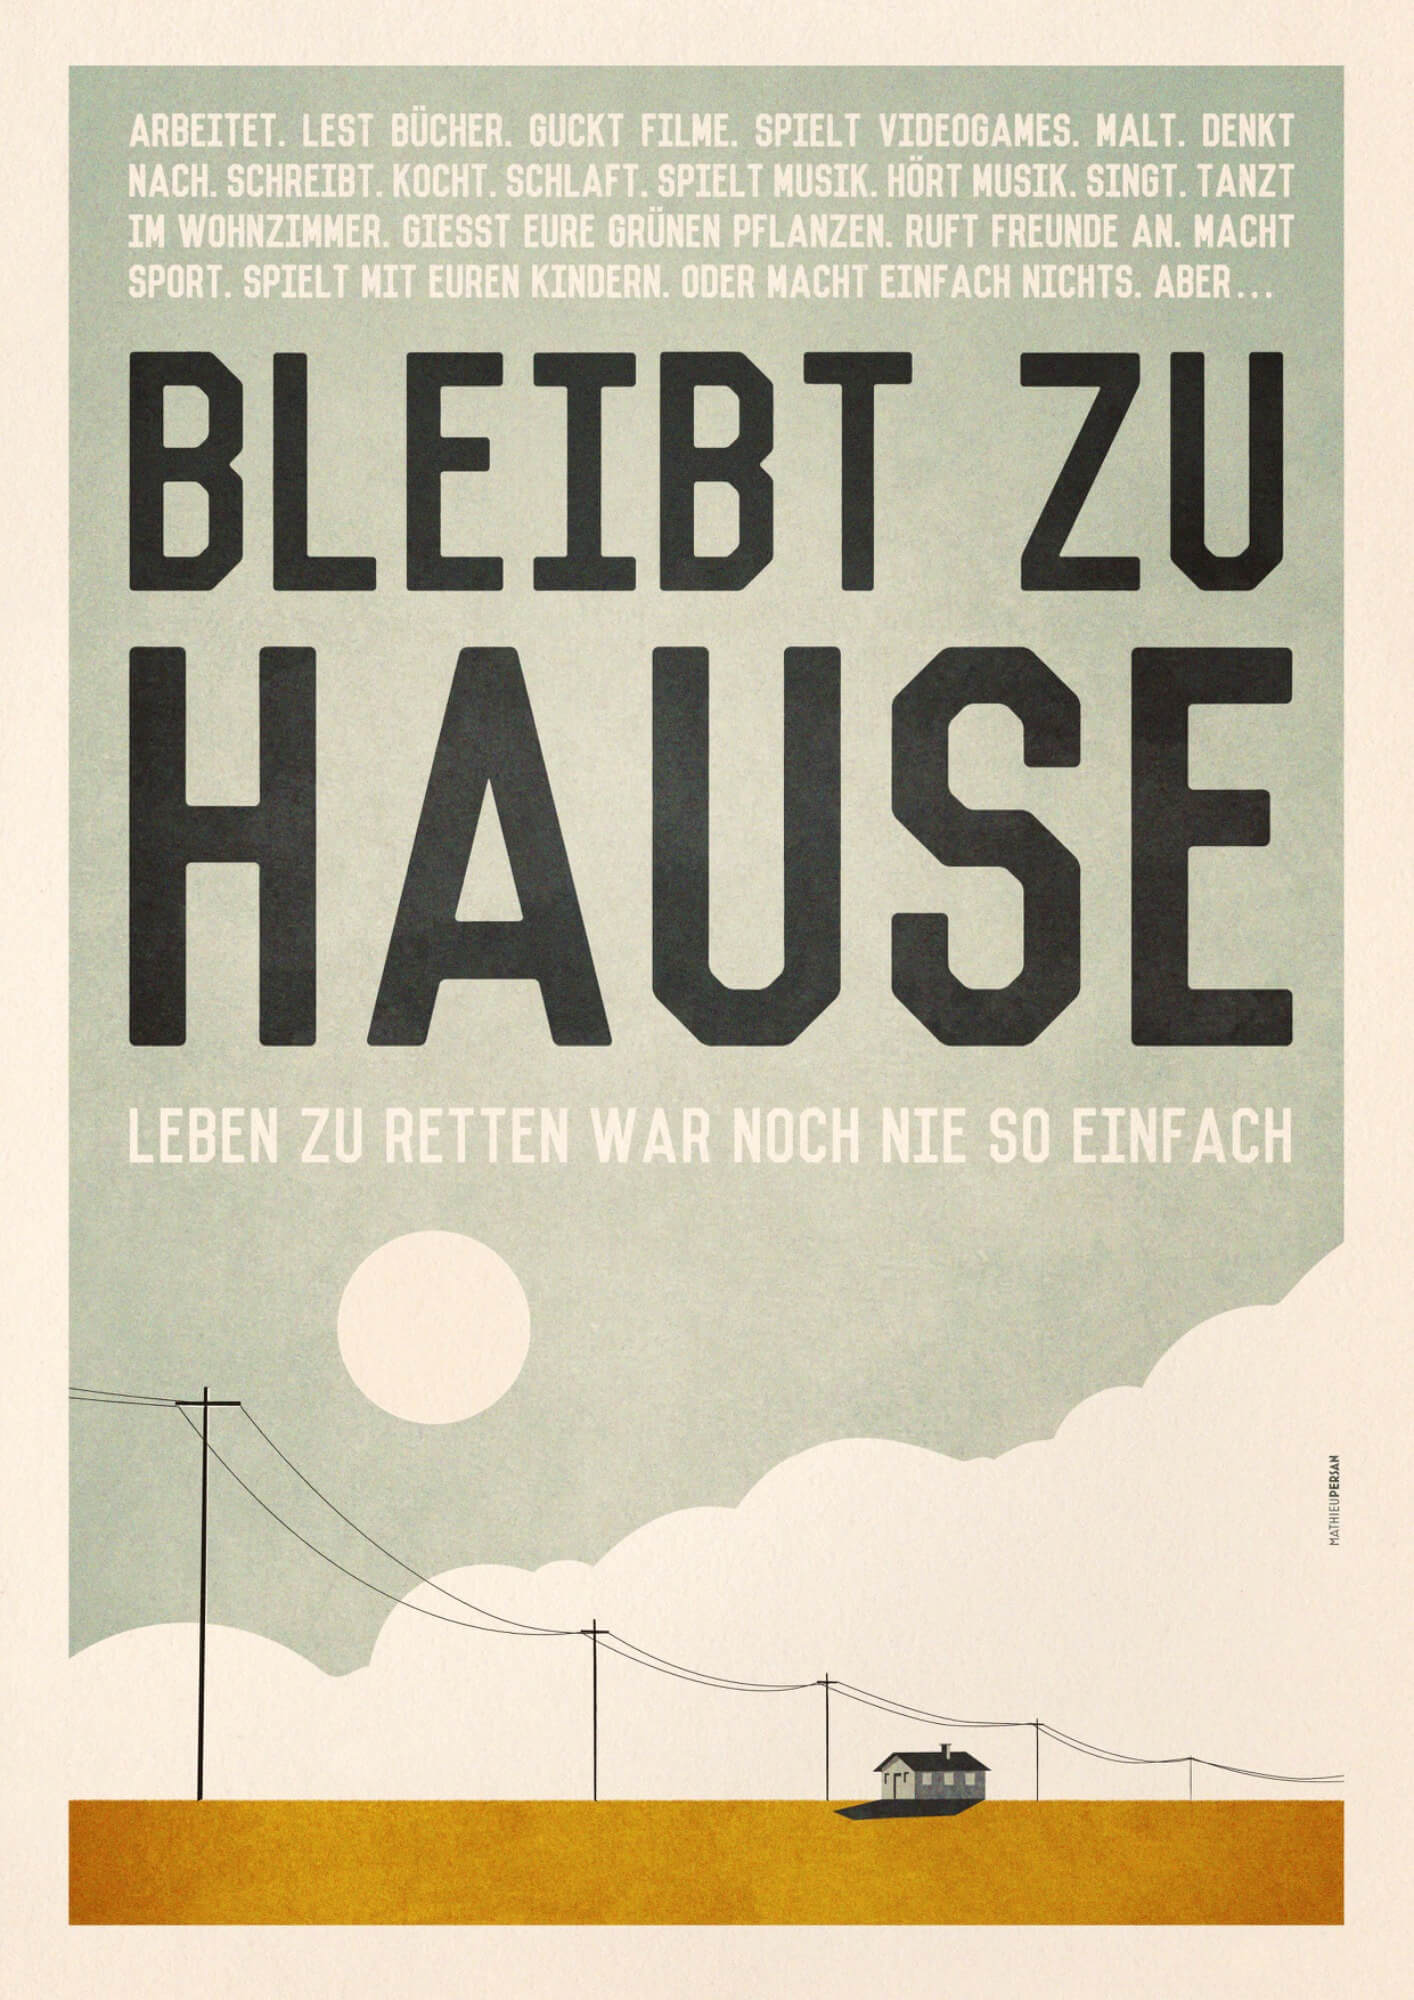 bleibt_zu_hause-hd_original.jpg